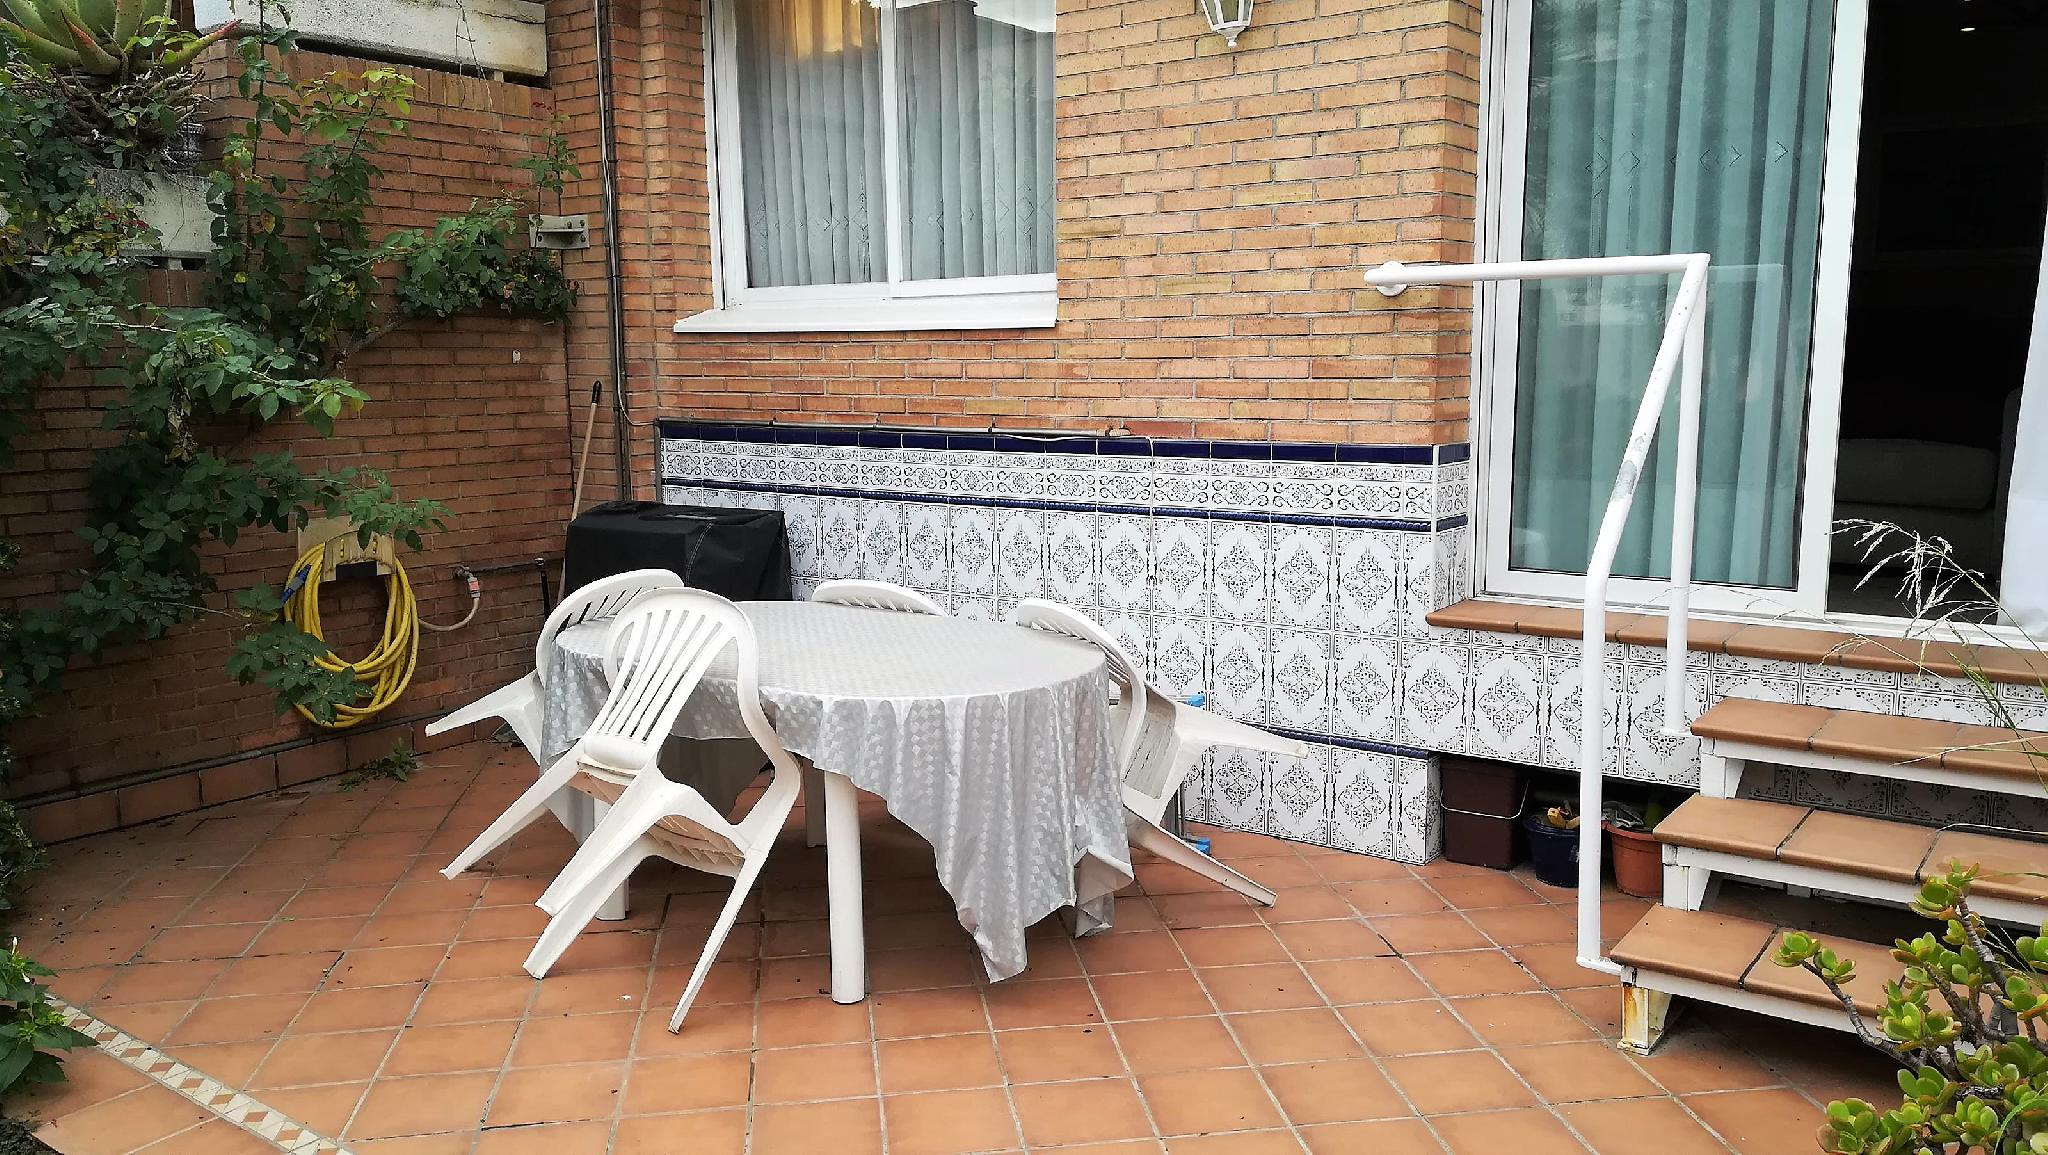 214604 - Zona Vallehermoso